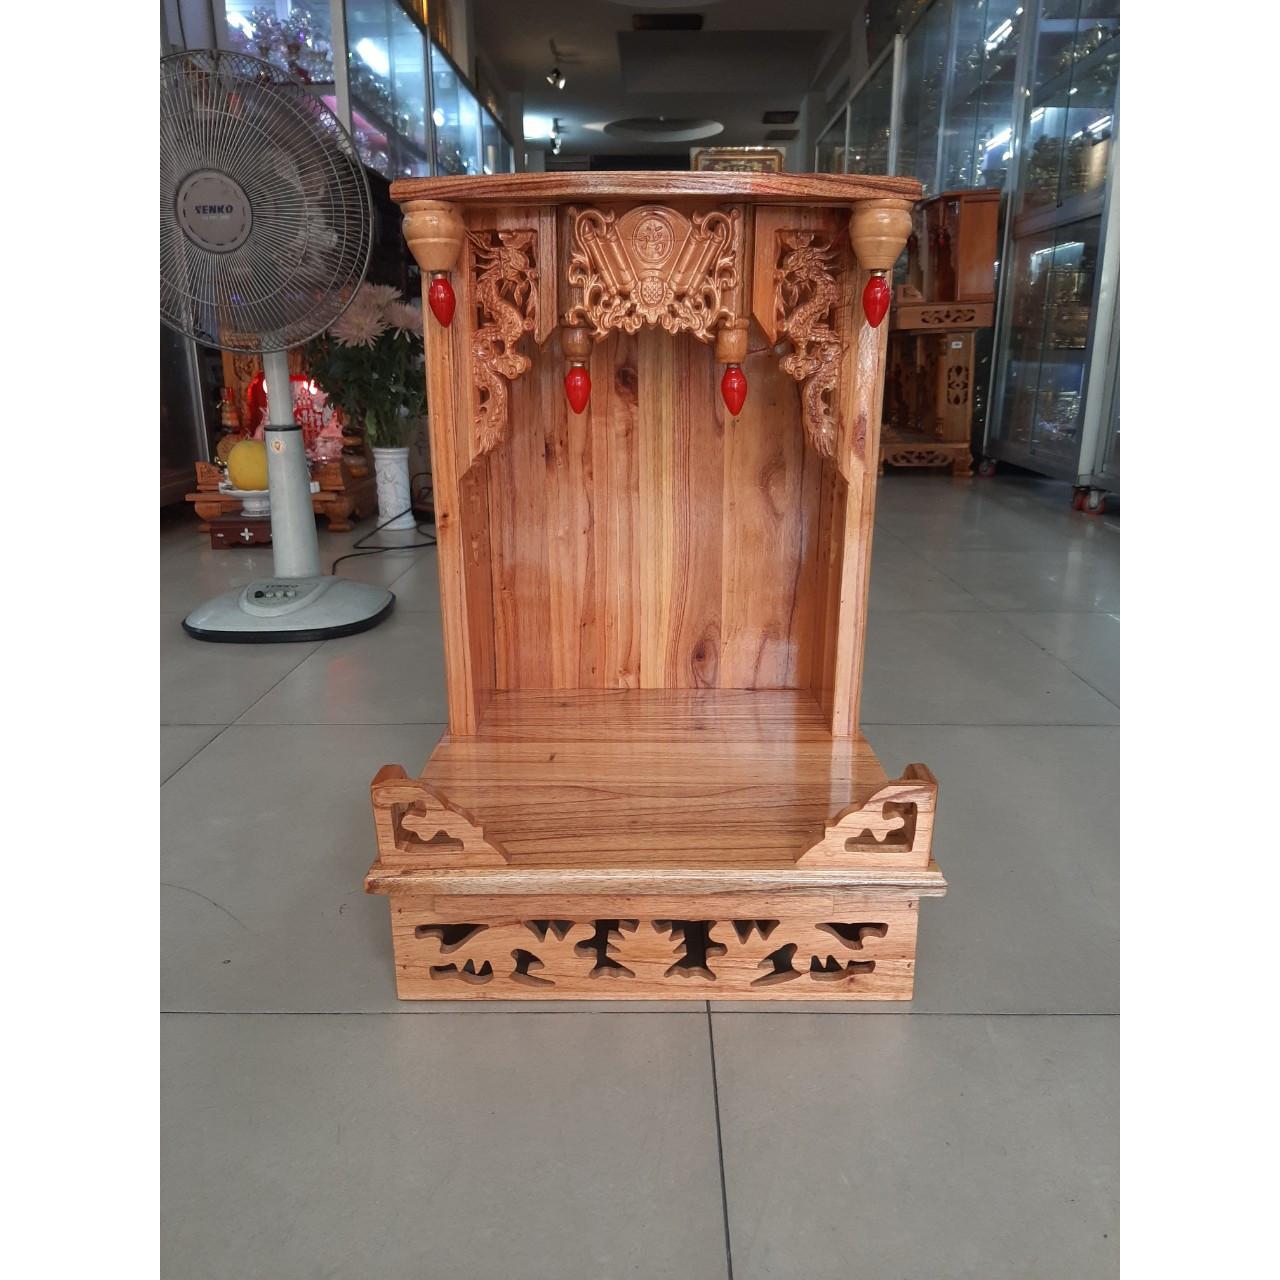 Bàn thờ Thần Tài Ông Địa đẹp gỗ Xoan ngang 40 cao 60 , Mã sản phẩm X4 - Đồ Thờ Thắng Duyên Đại Phát